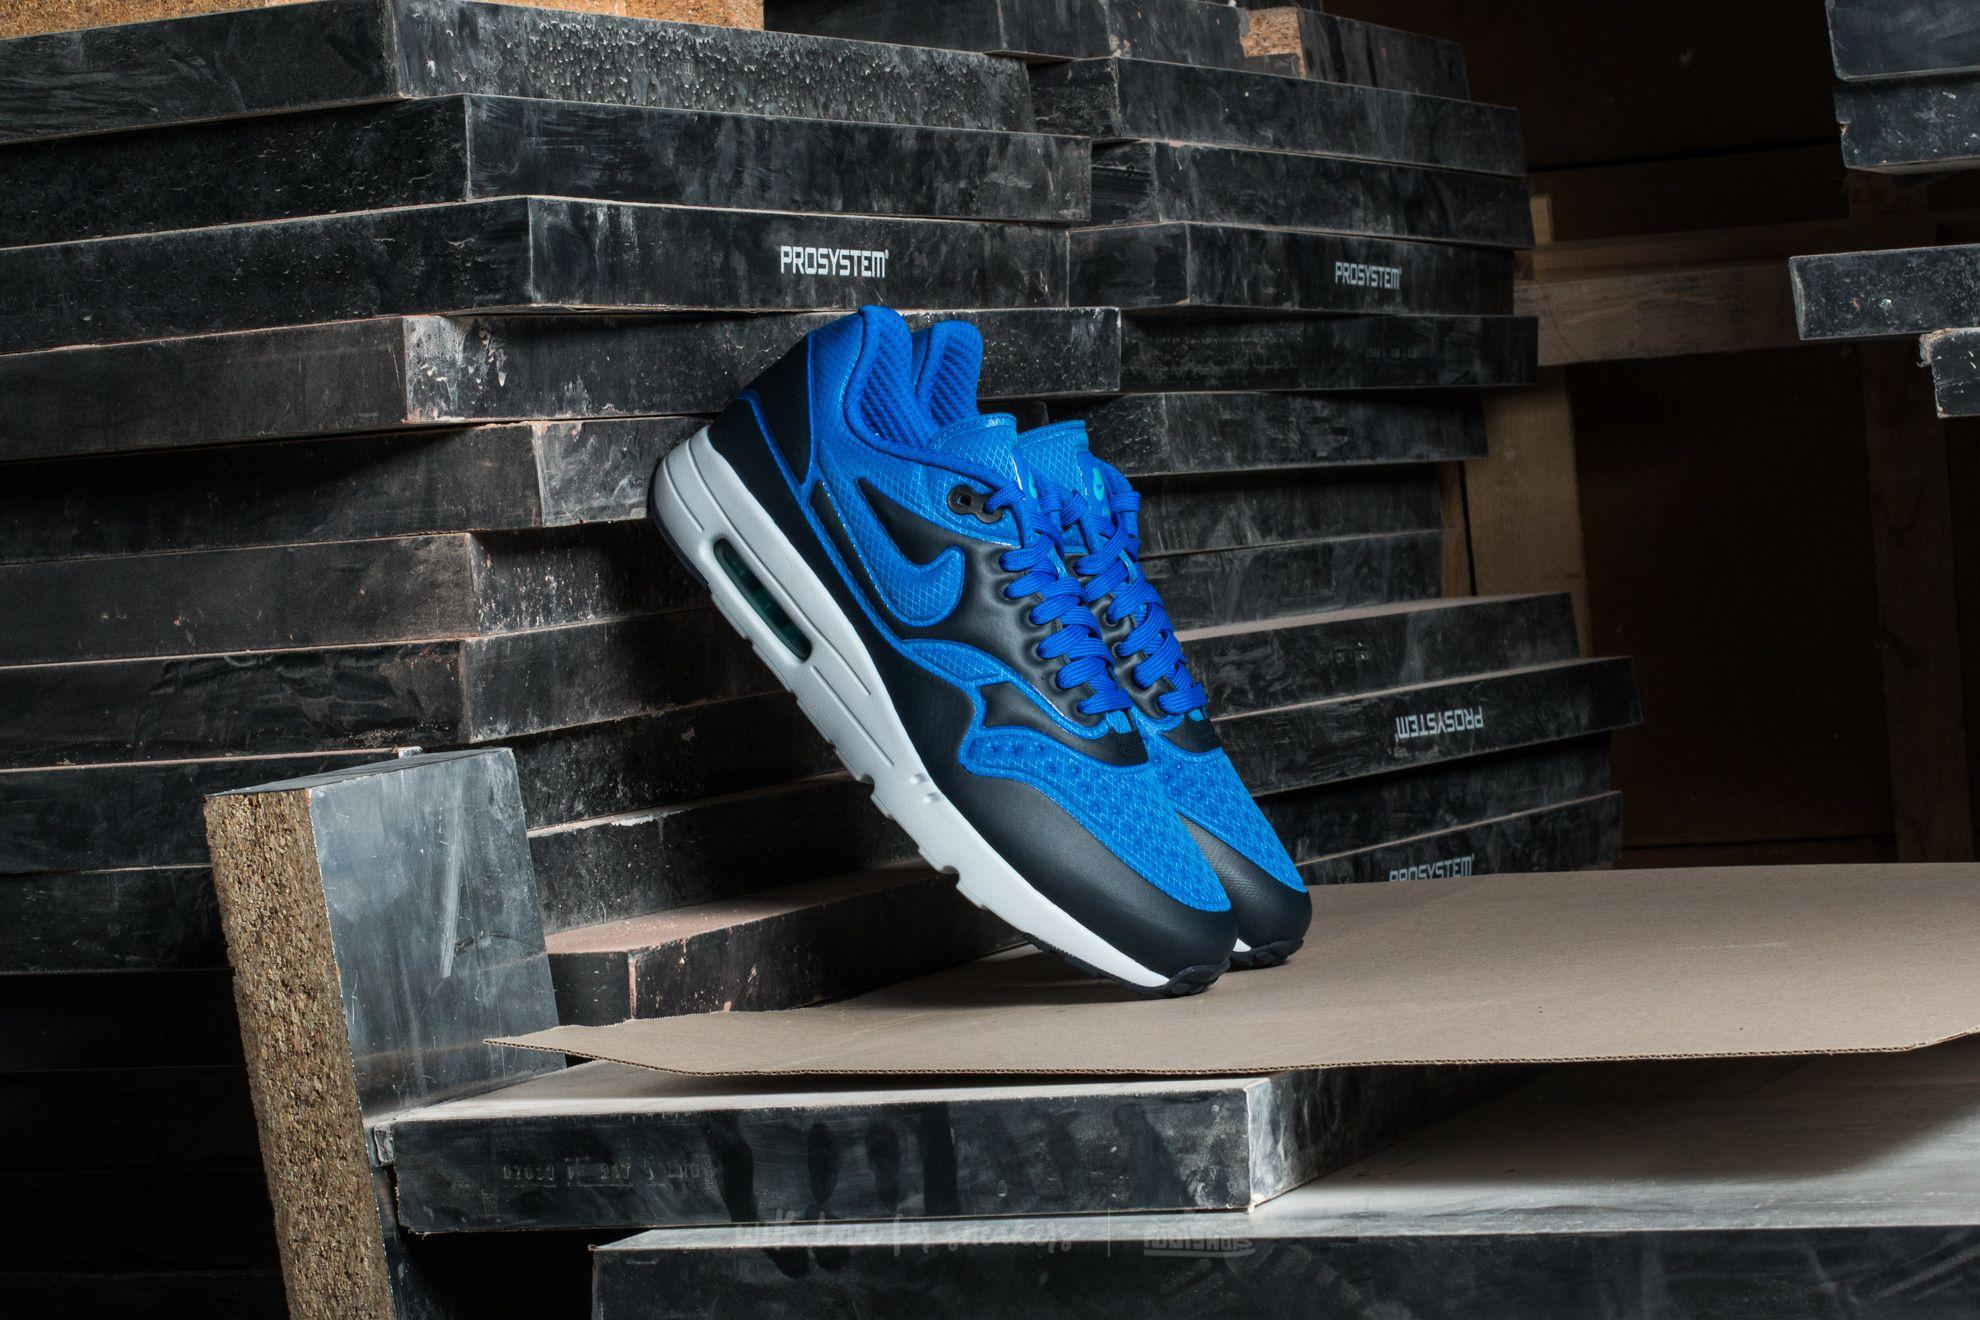 Nike Air Max 1 Ultra SE Hyper Cobalt/ Dark Obsidian Footshop – FR